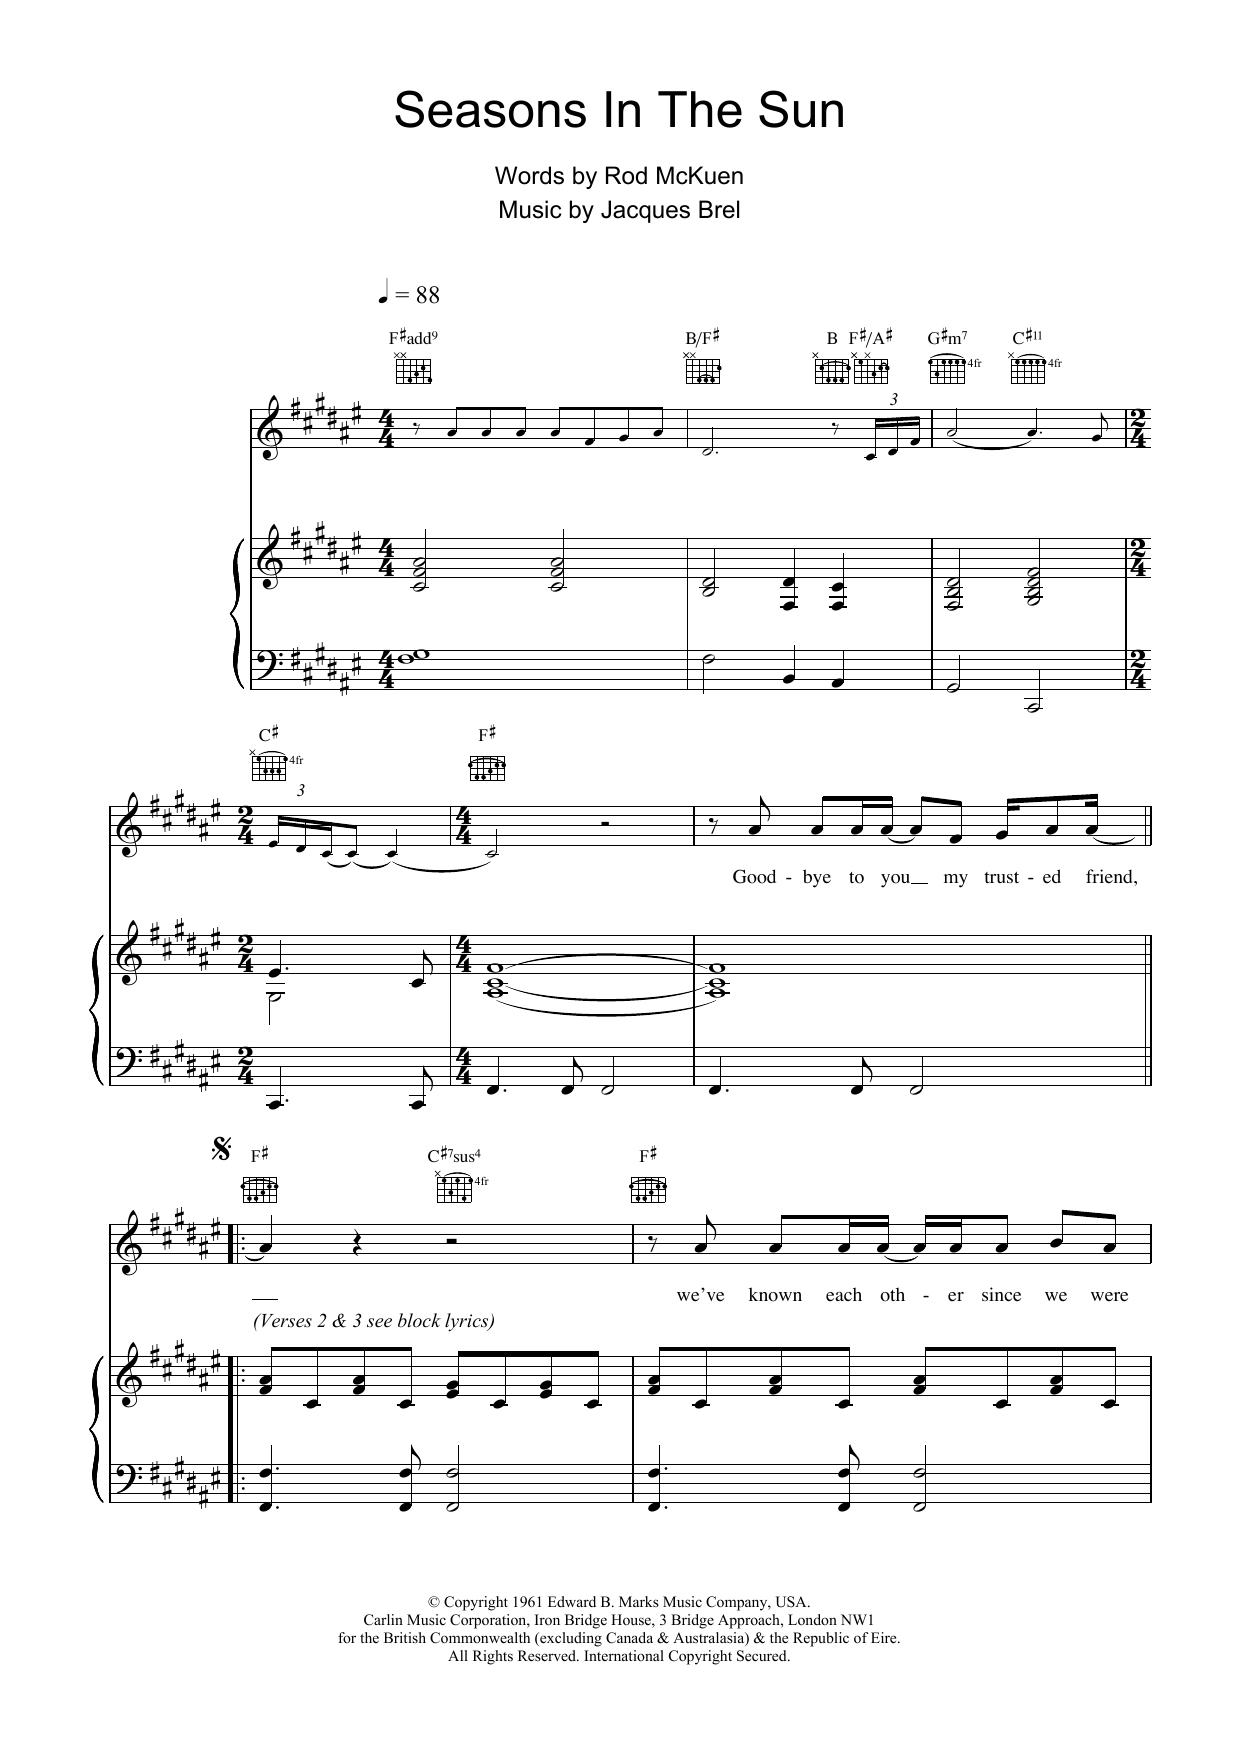 Seasons In The Sun sheet music